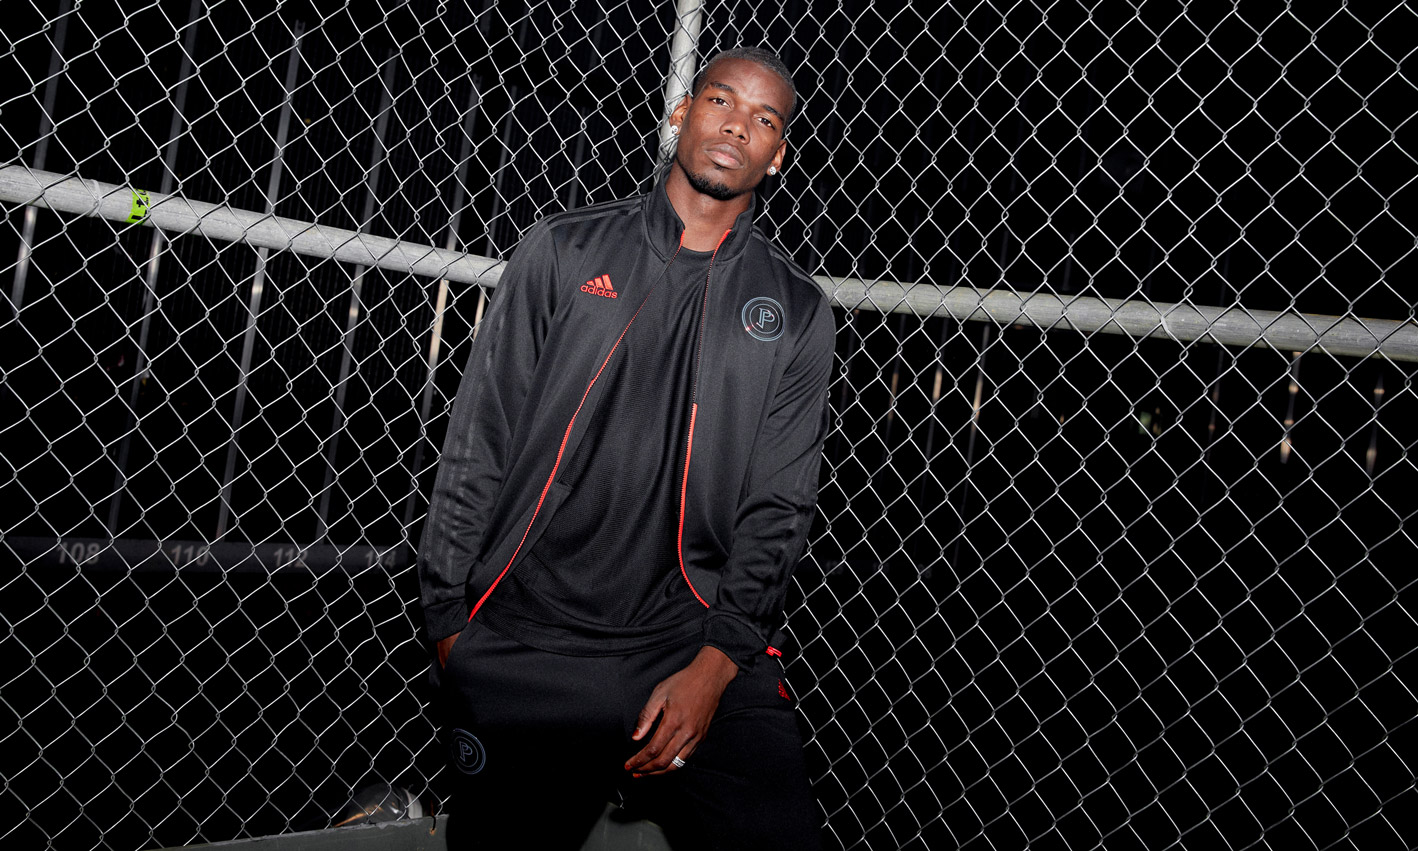 篮球主题加入,adidas 携手博格巴打造 2019 春夏别注系列